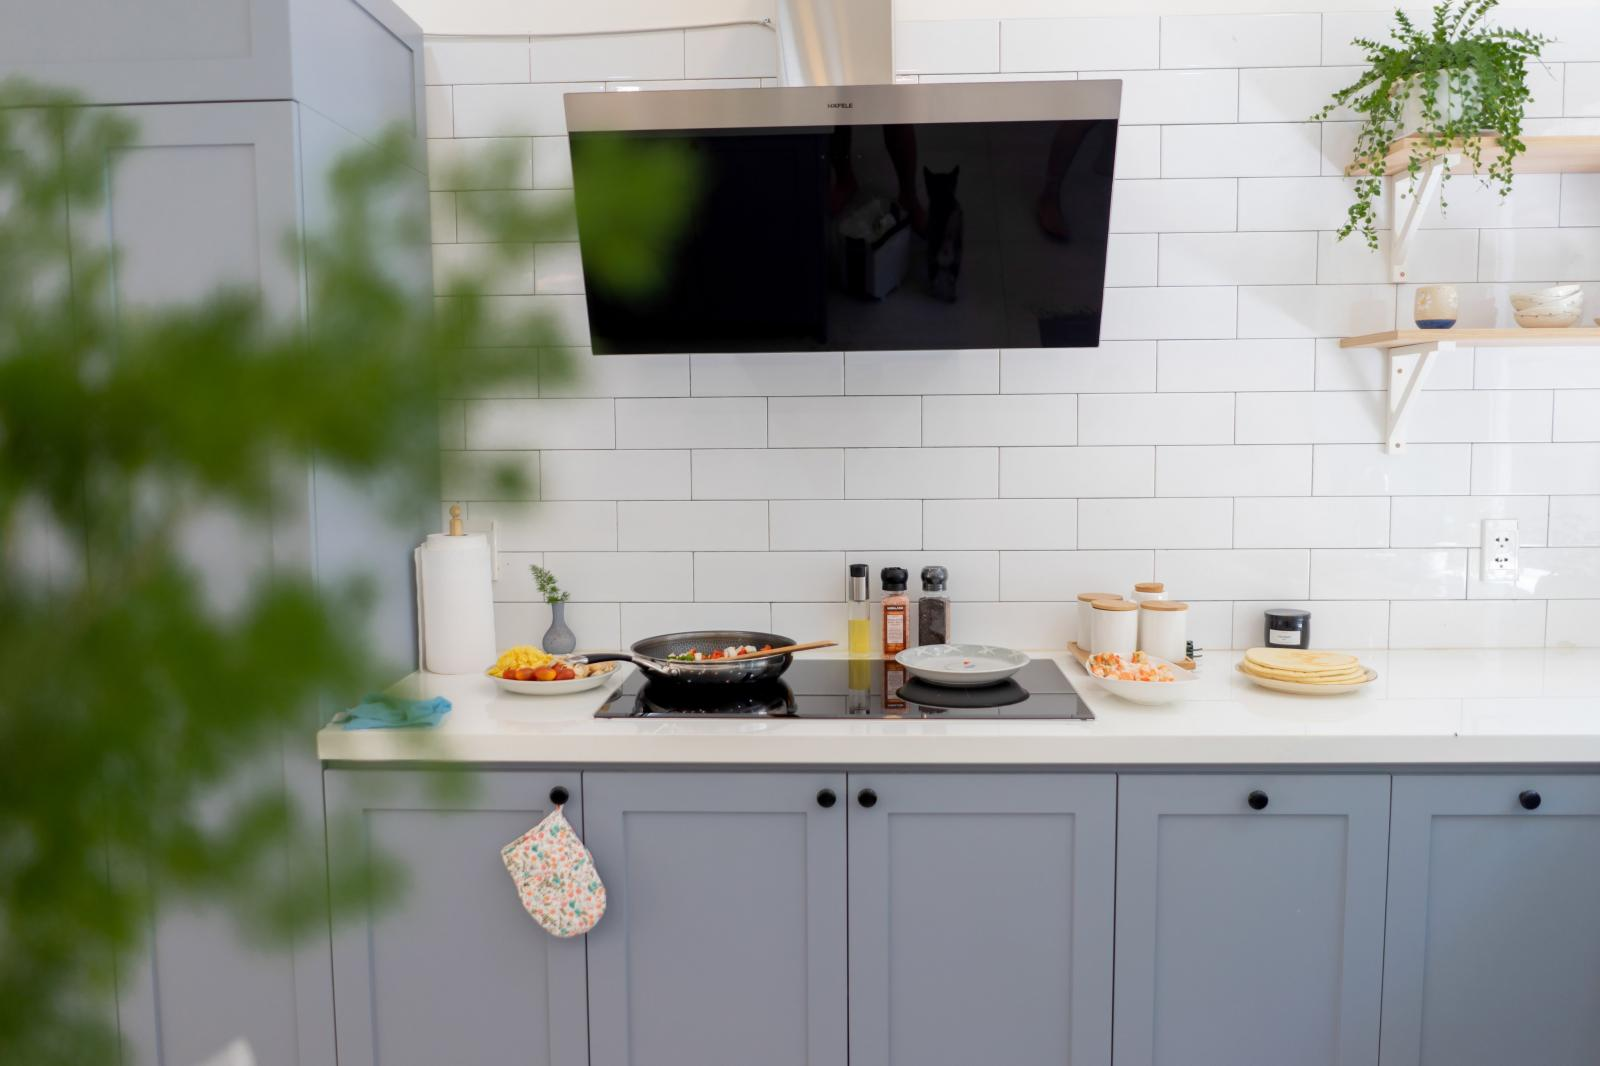 Căn bếp tông trắng phối cùng màu ghi, nâu sáng rất hài hòa, dịu mắt.